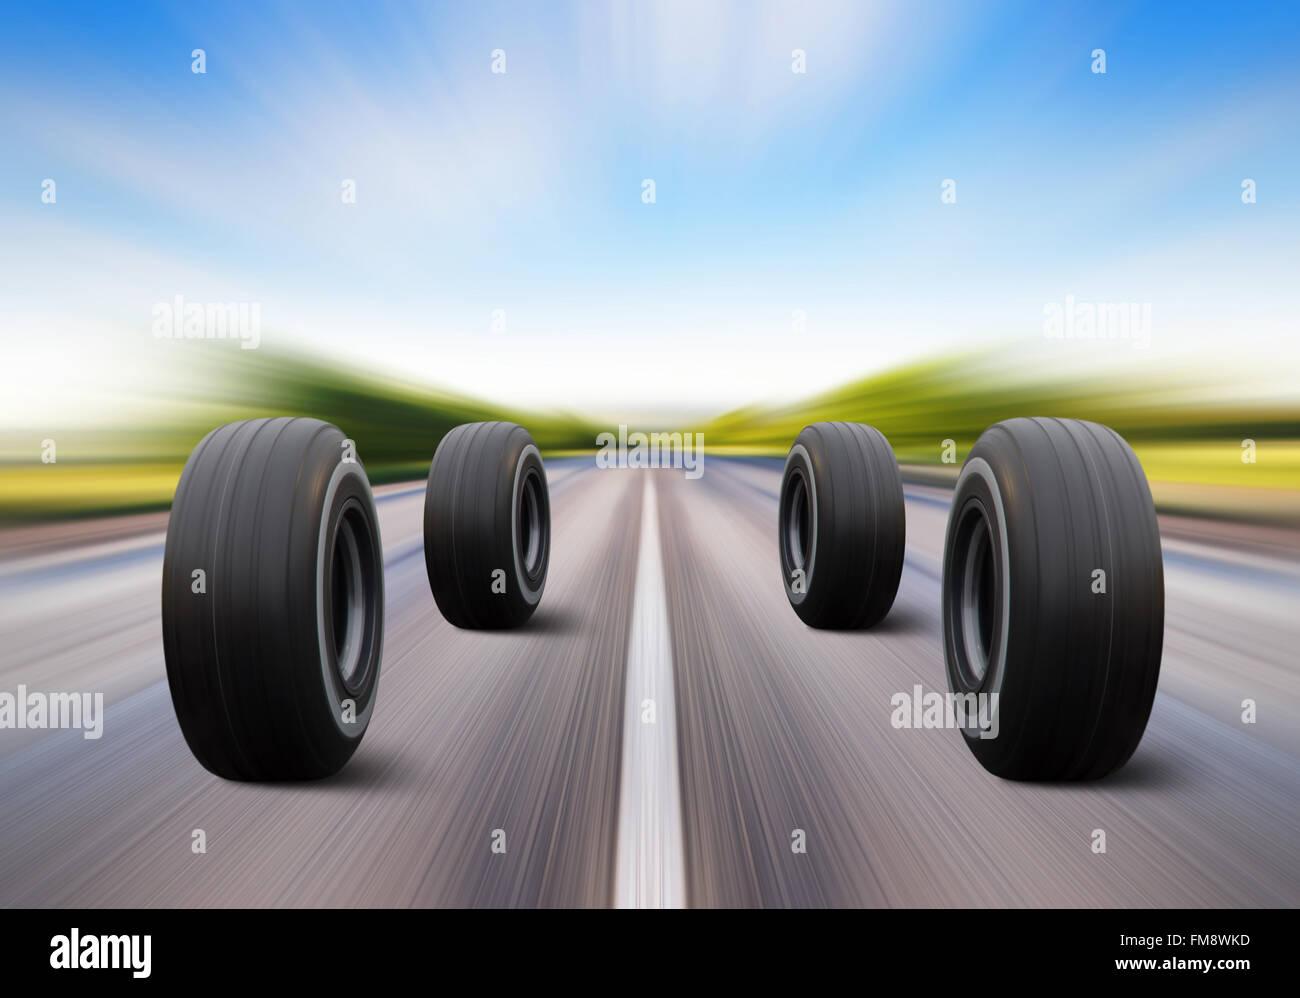 Quatre roues automobile rush sur la route à grande vitesse Photo Stock